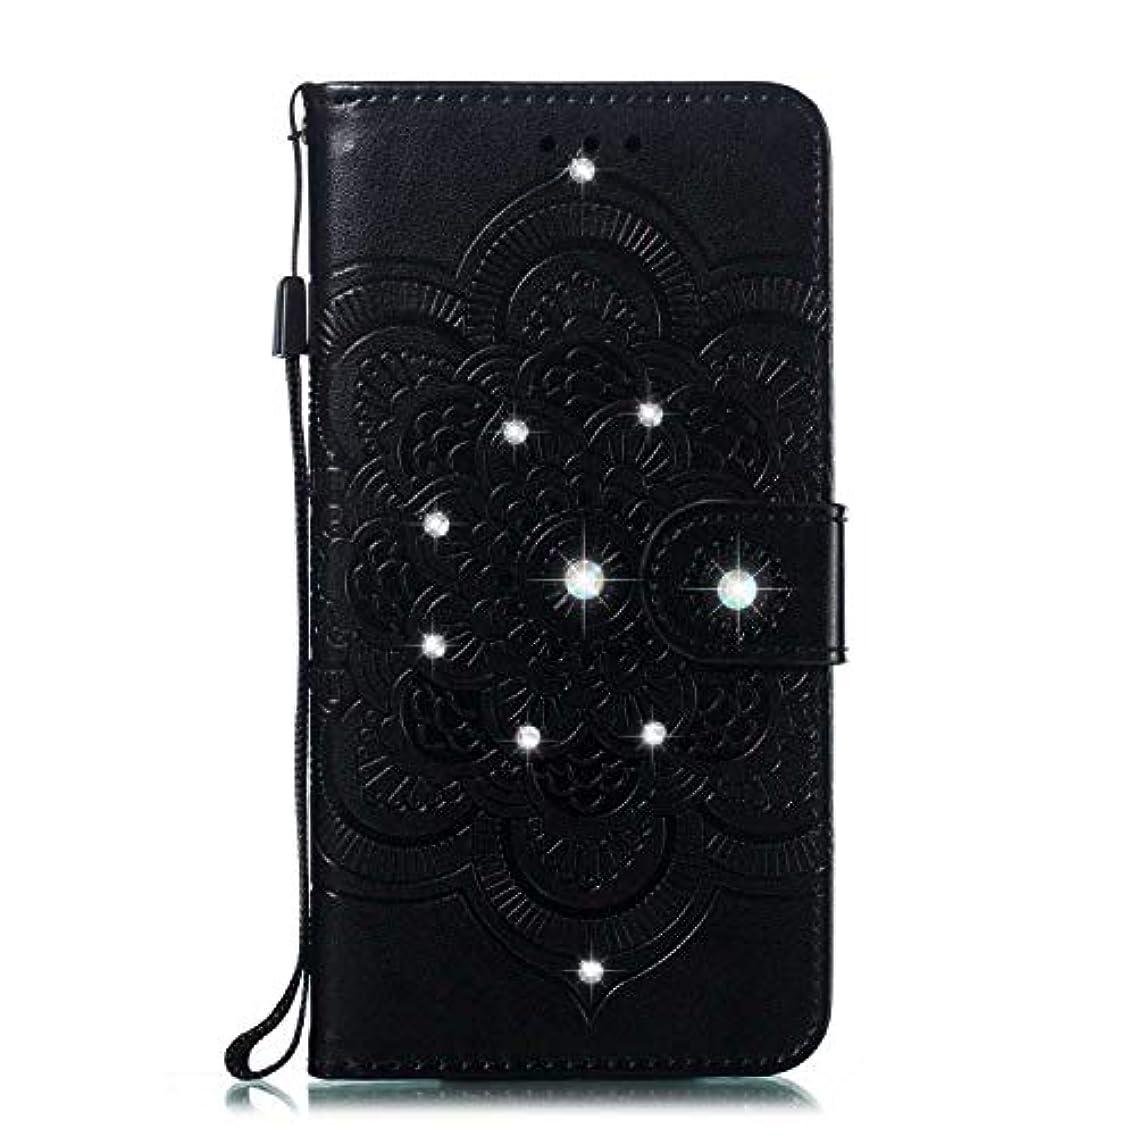 メッセージマーティンルーサーキングジュニア自治的CUNUS 高品質 合皮レザー ケース Huawei Honor 10 用, 防塵 ケース, 軽量 スタンド機能 耐汚れ カード収納 カバー, ブラック